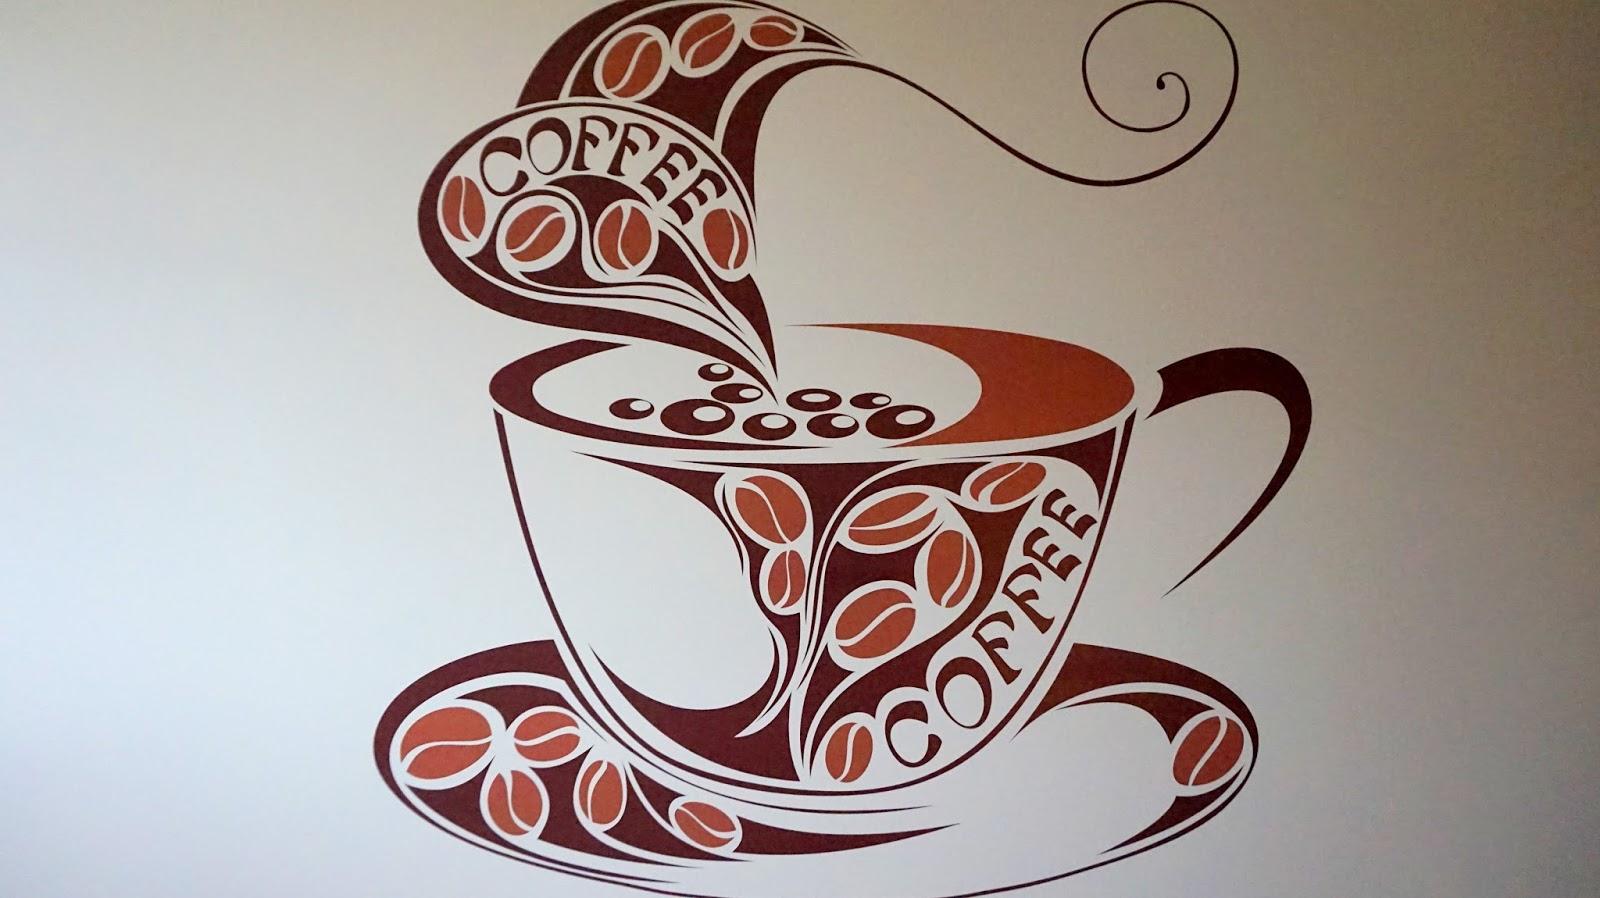 d775effa828e3a Firma Tenstickers ma bardzo szeroką gamę projektów naklejek na ścianę.  Sporo czasu zajęło mi znalezienie tej odpowiedniej, w końcu padło na  filiżankę z kawą ...